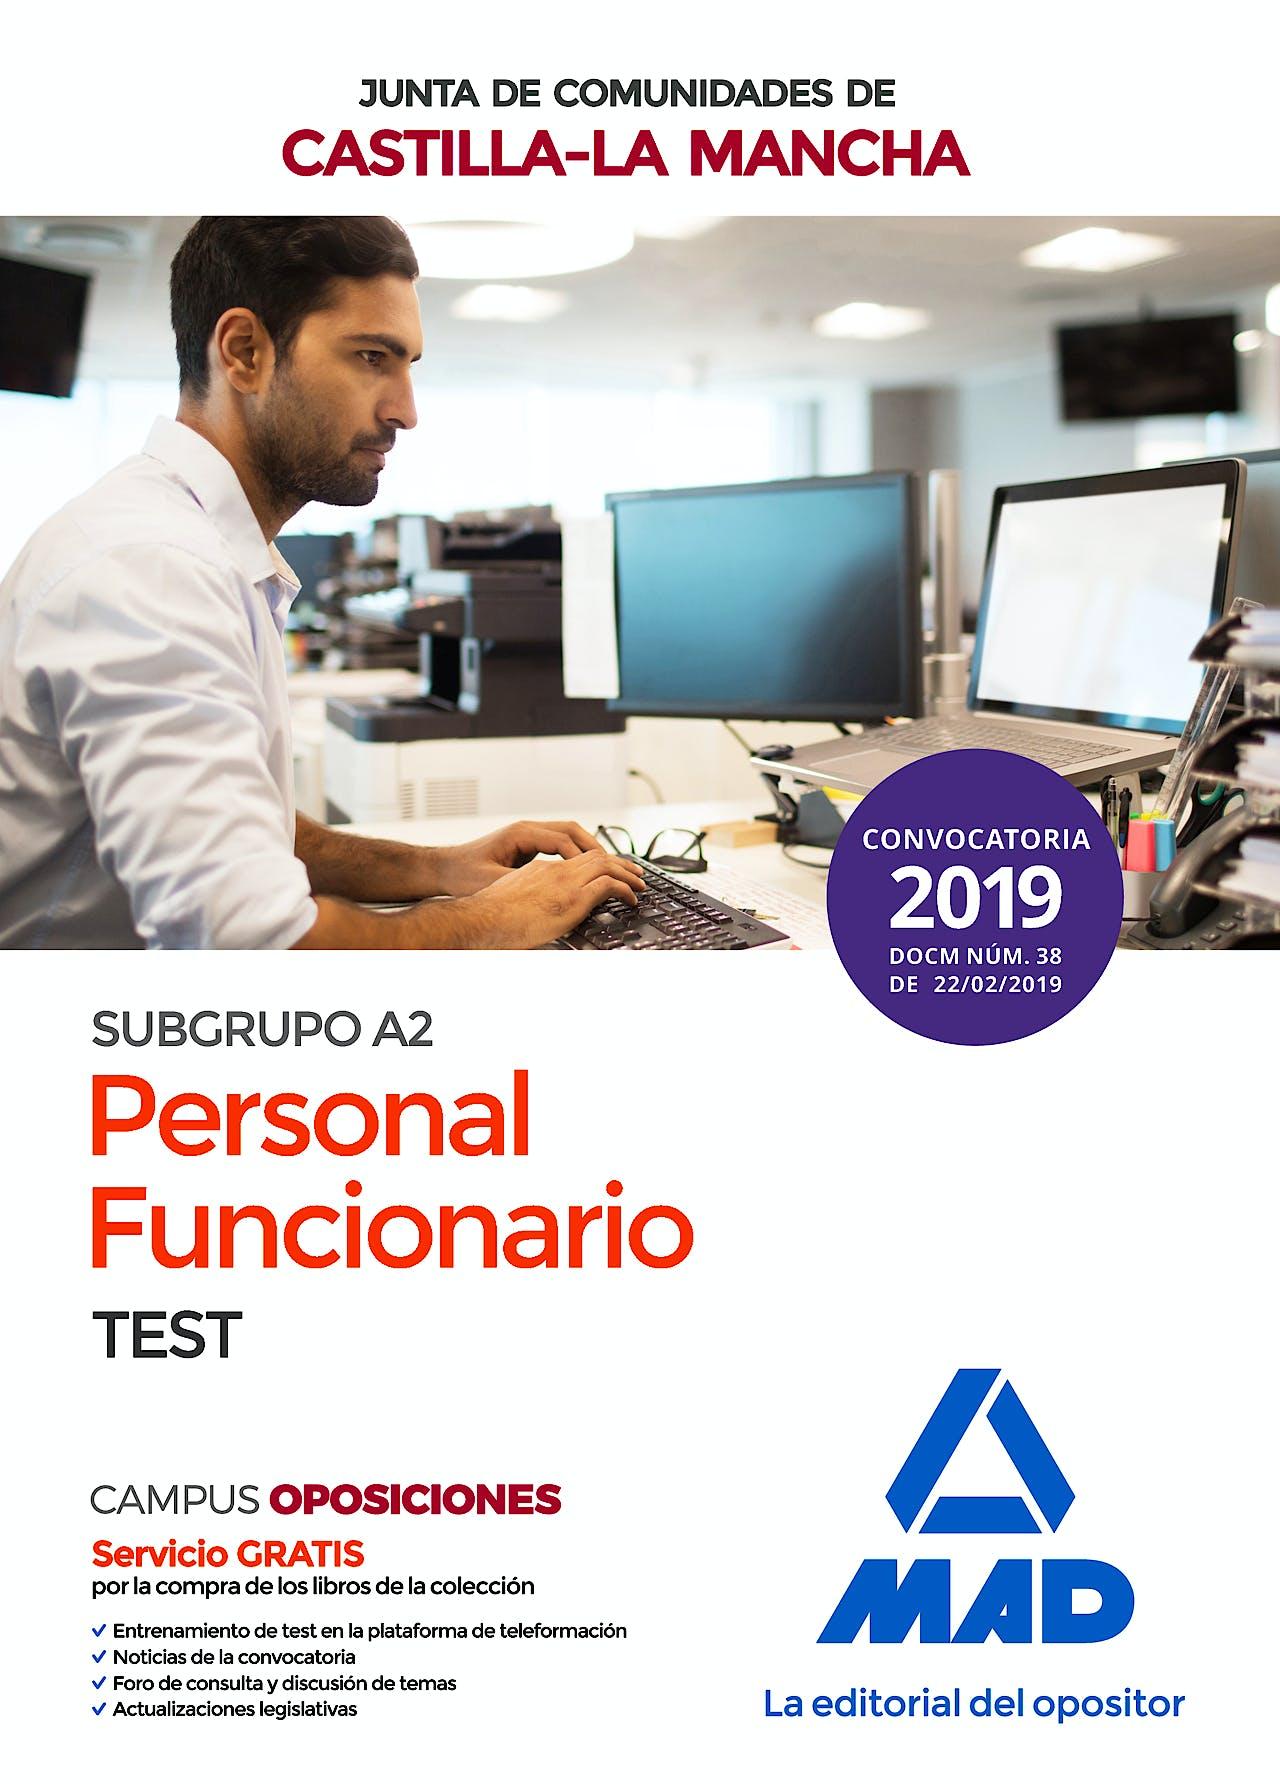 Portada del libro 9788414223475 Personal Funcionario (Subgrupo A2) de la Administración de la Junta de Comunidades de Castilla-La Mancha. Test